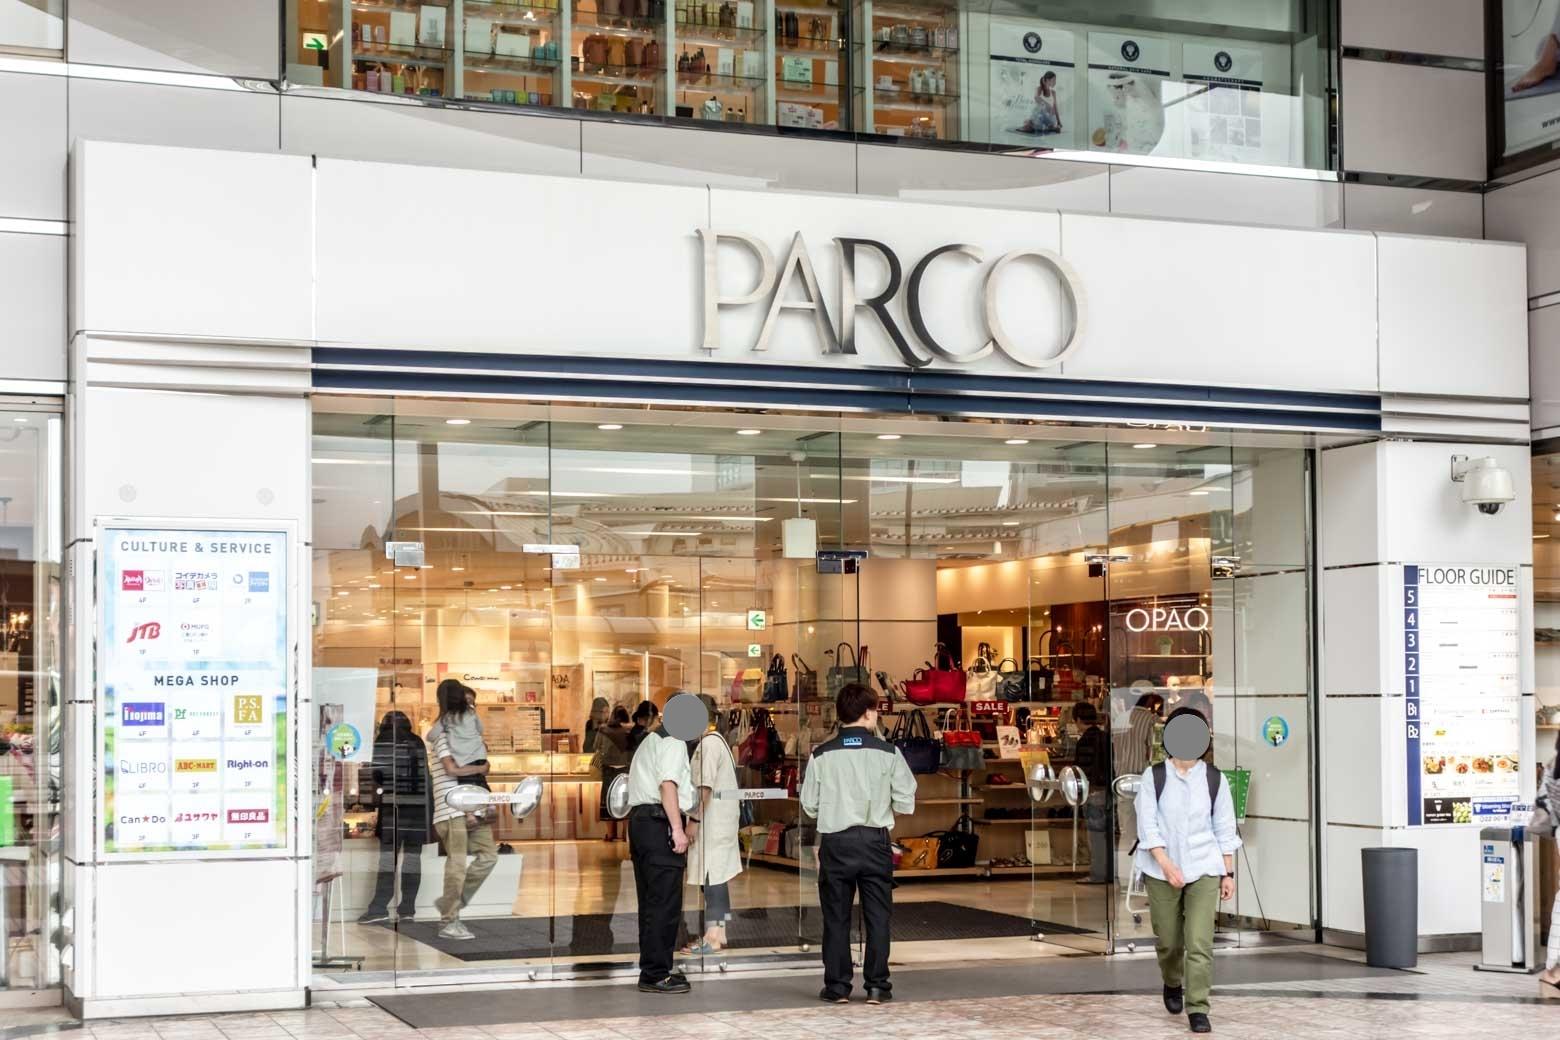 西友の反対側にはPARCOもあります。こちらには無印良品やABCマートなど専門店が揃っています。